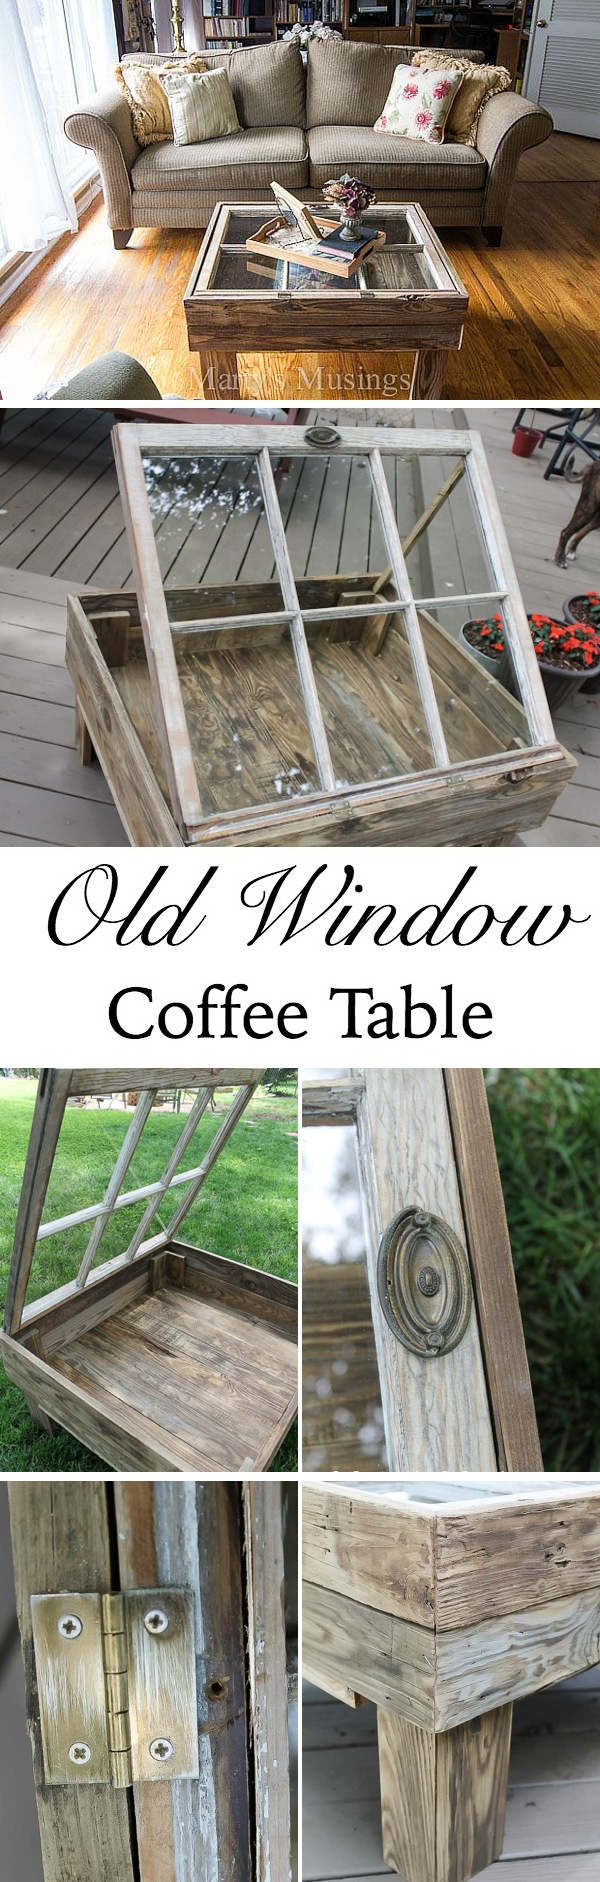 brilliant ways to repurpose old windows